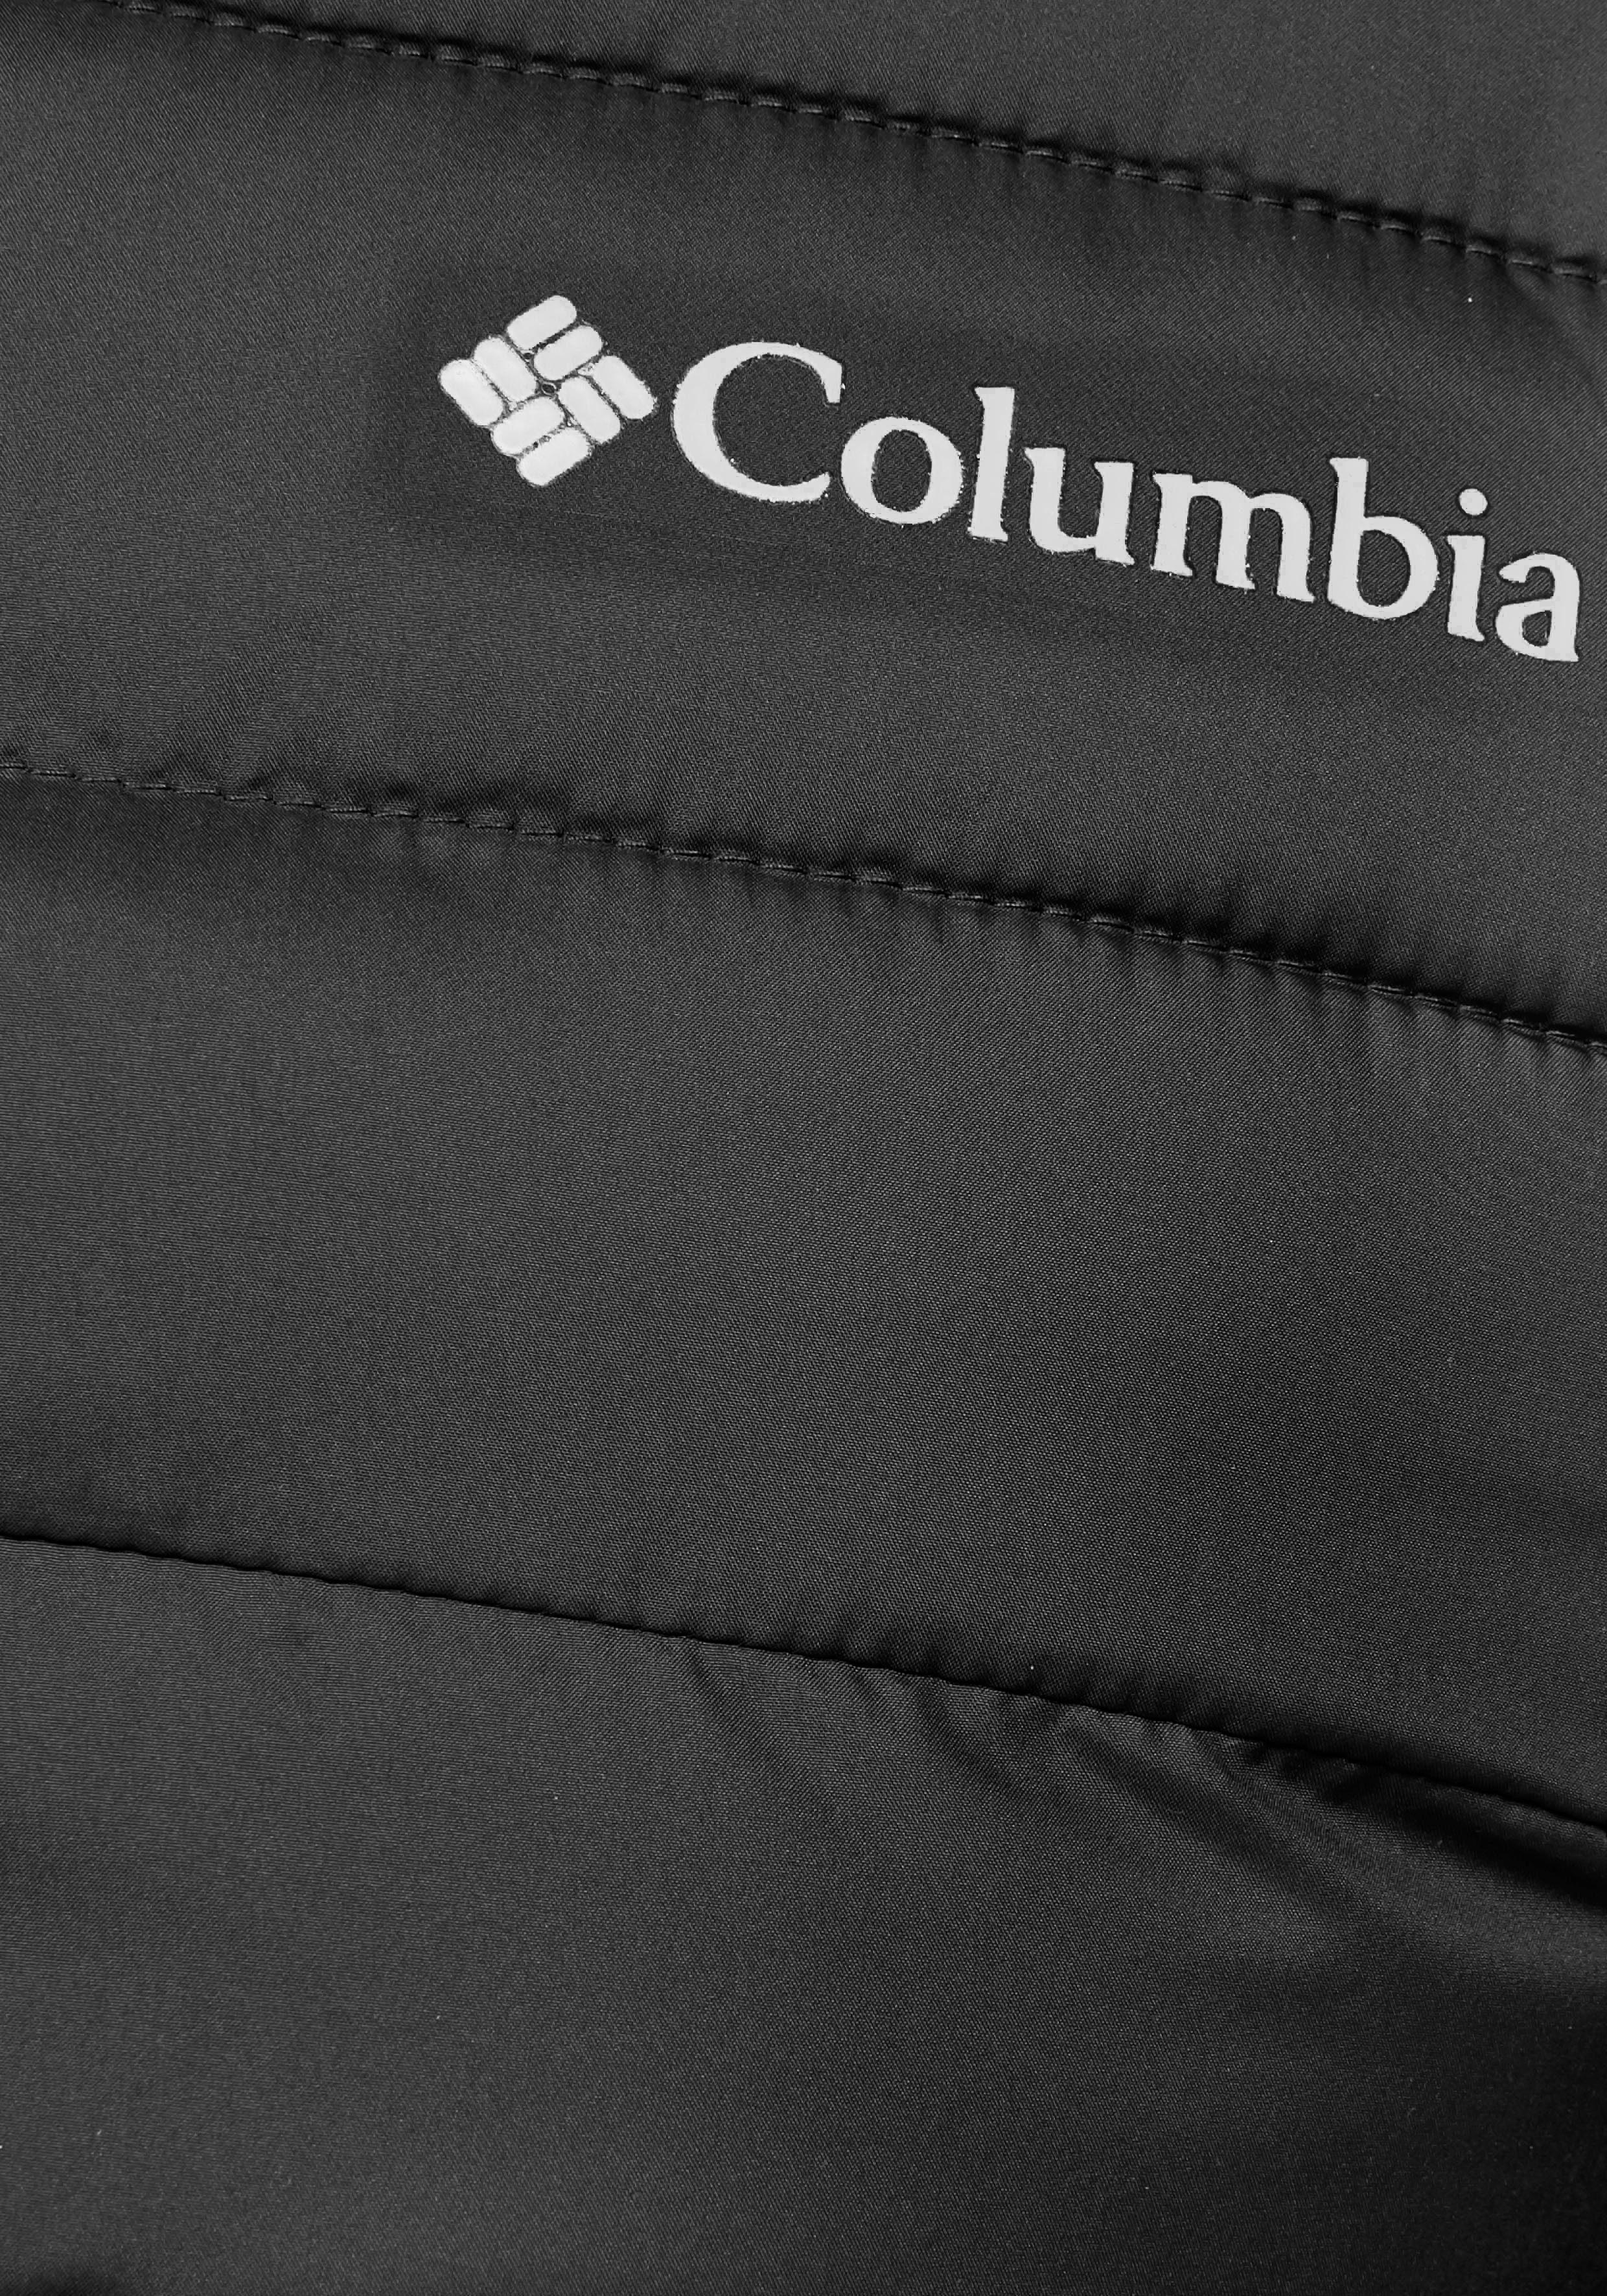 Columbia Gewatteerd Jack Powder Lite Online Bestellen - Geweldige Prijs